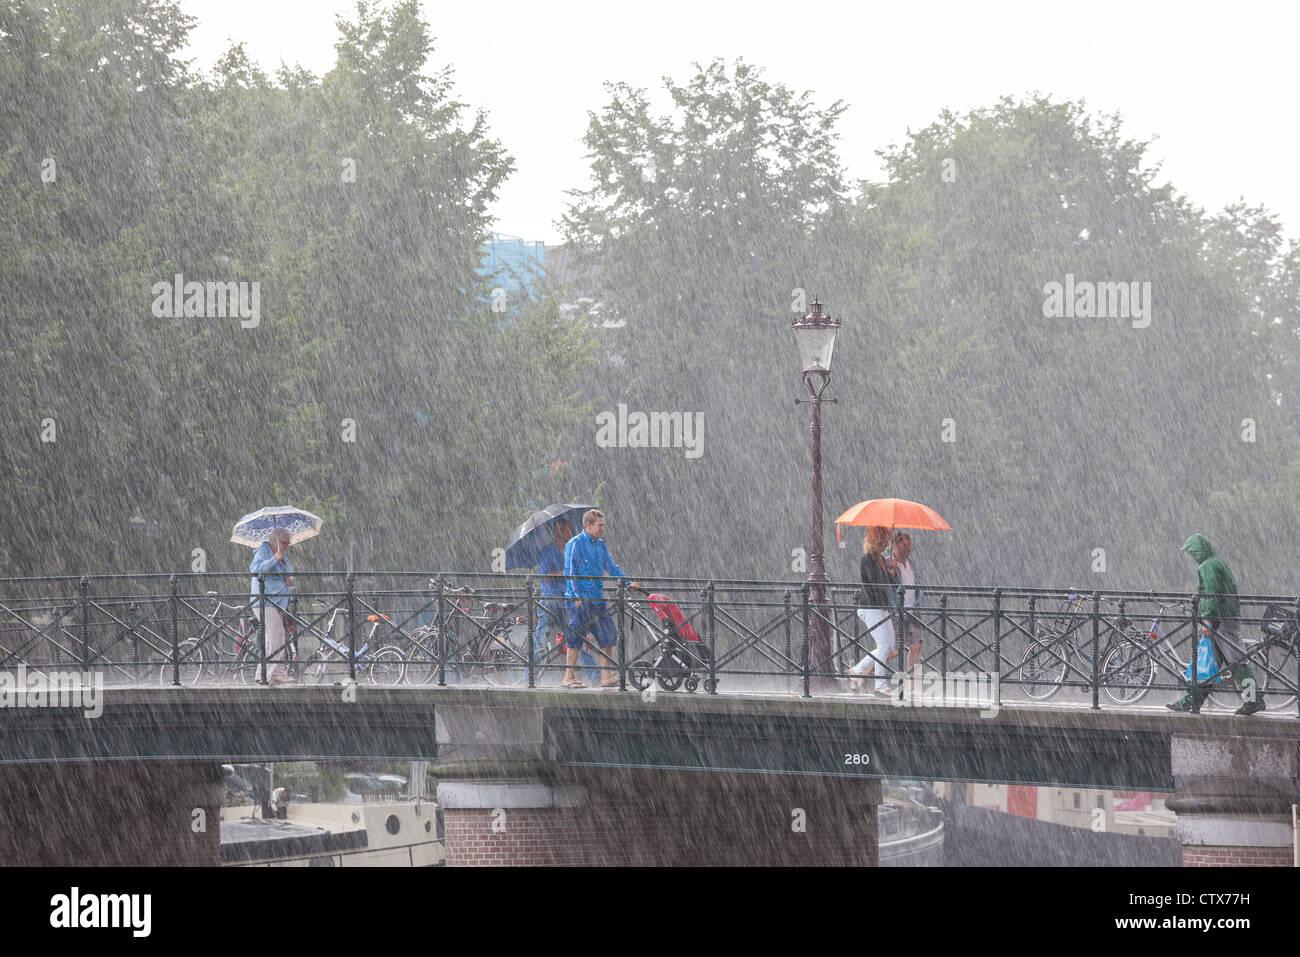 Puente de Amsterdam. Lluvias torrenciales repentinas de verano. La gente en un puente con sombrillas. Uno local Imagen De Stock